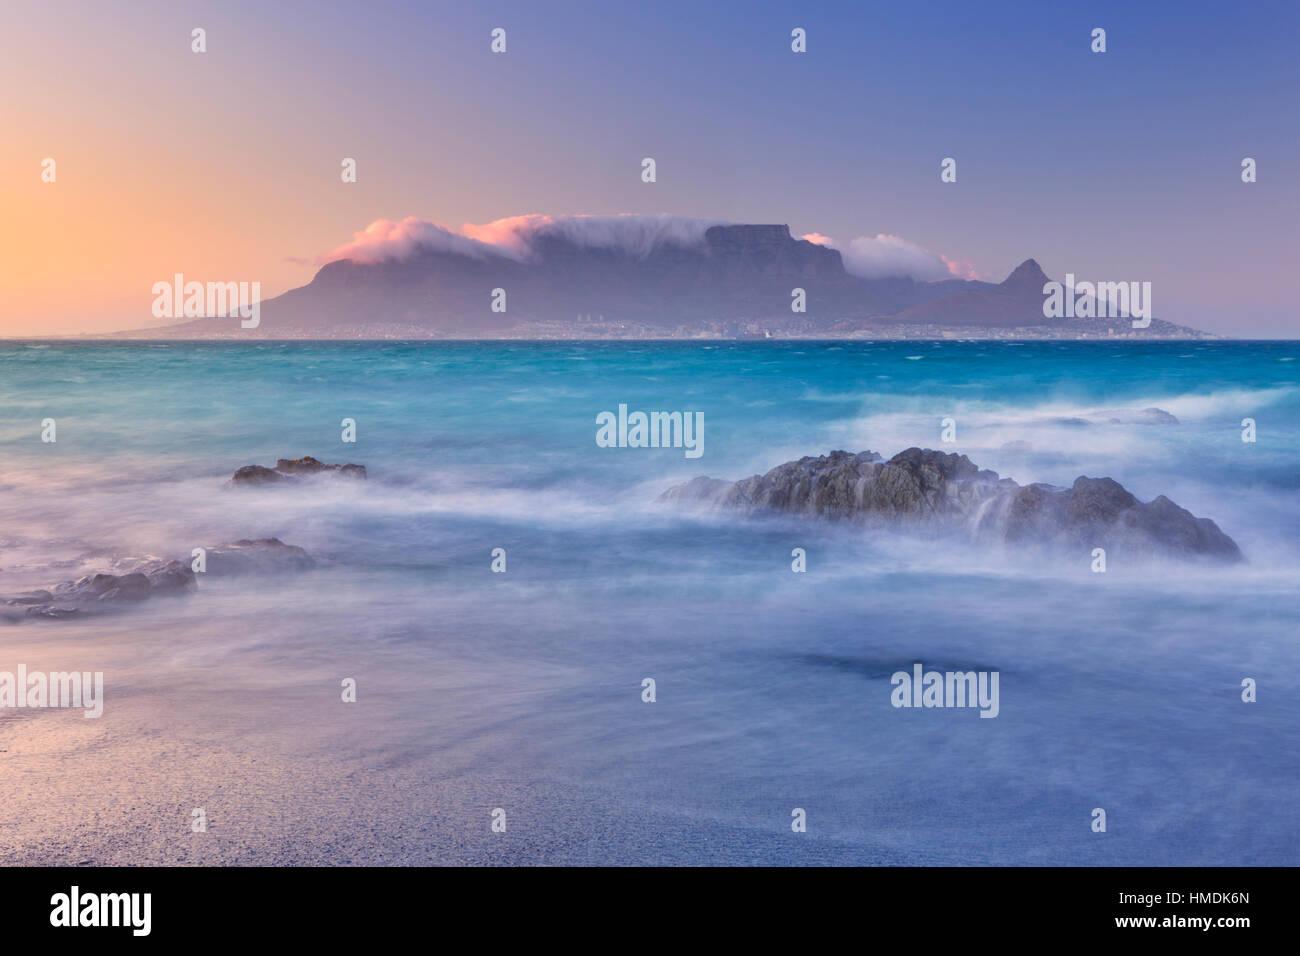 Le lever du soleil sur la Montagne de la table et le cap de la plage de Bloubergstrand. Photo Stock